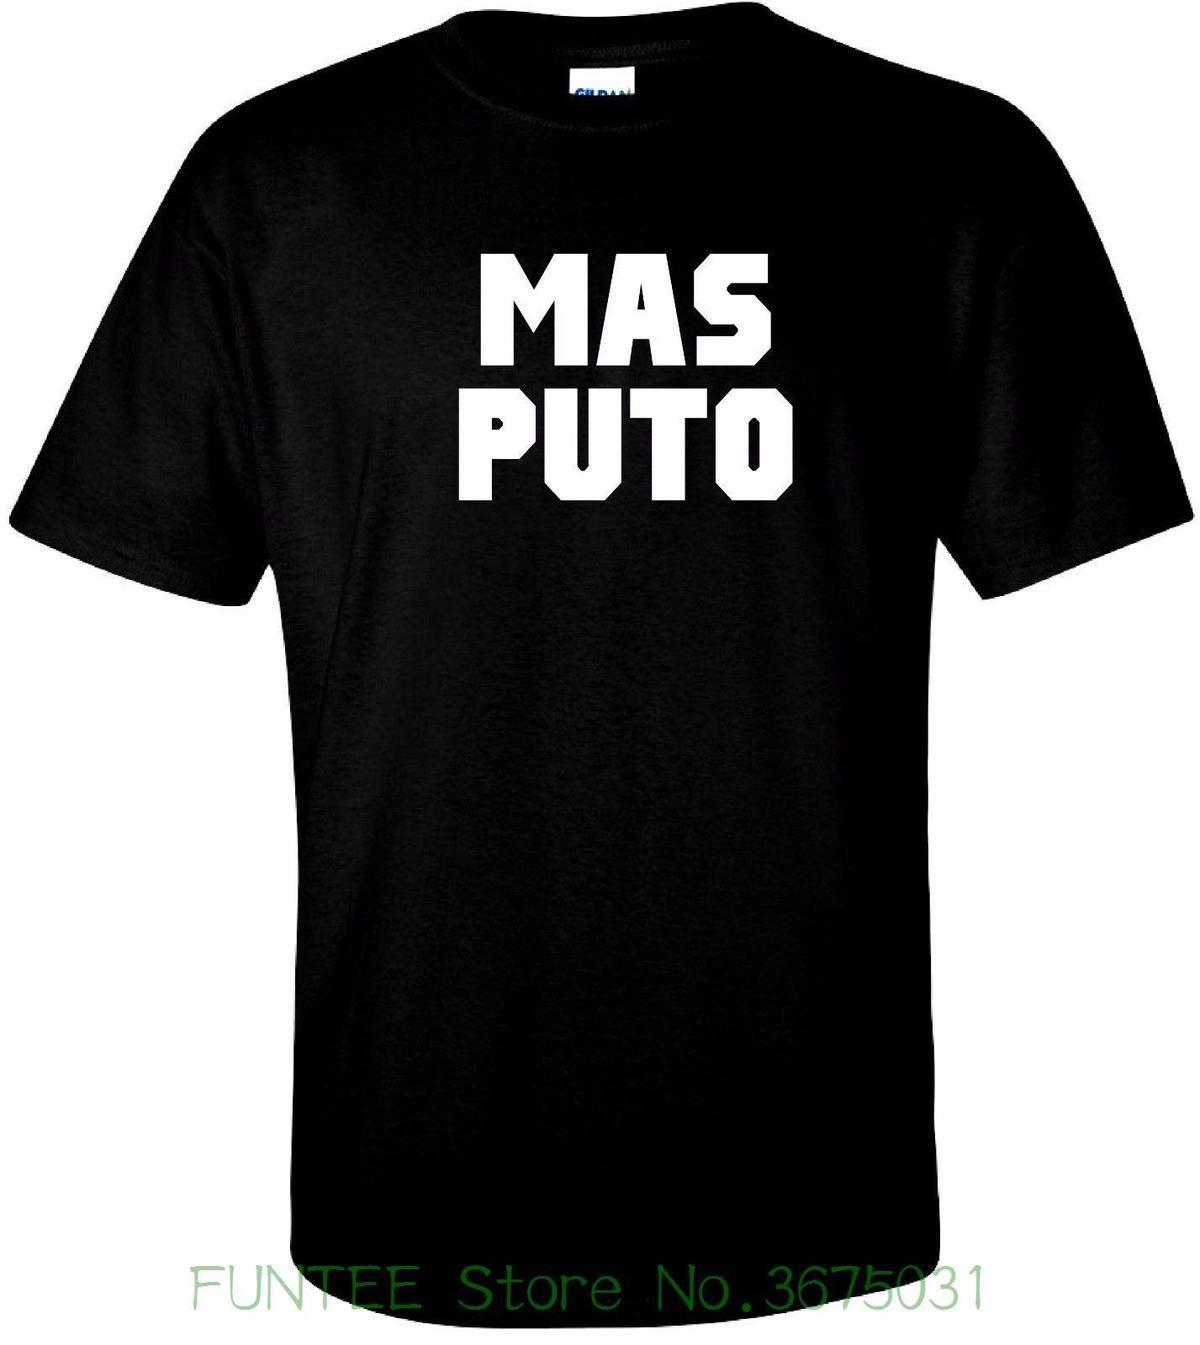 Camiseta De Corta Bmf Graciosa Puto Algodón Mas 100Por Mujer Apparel Marca xCBdoe